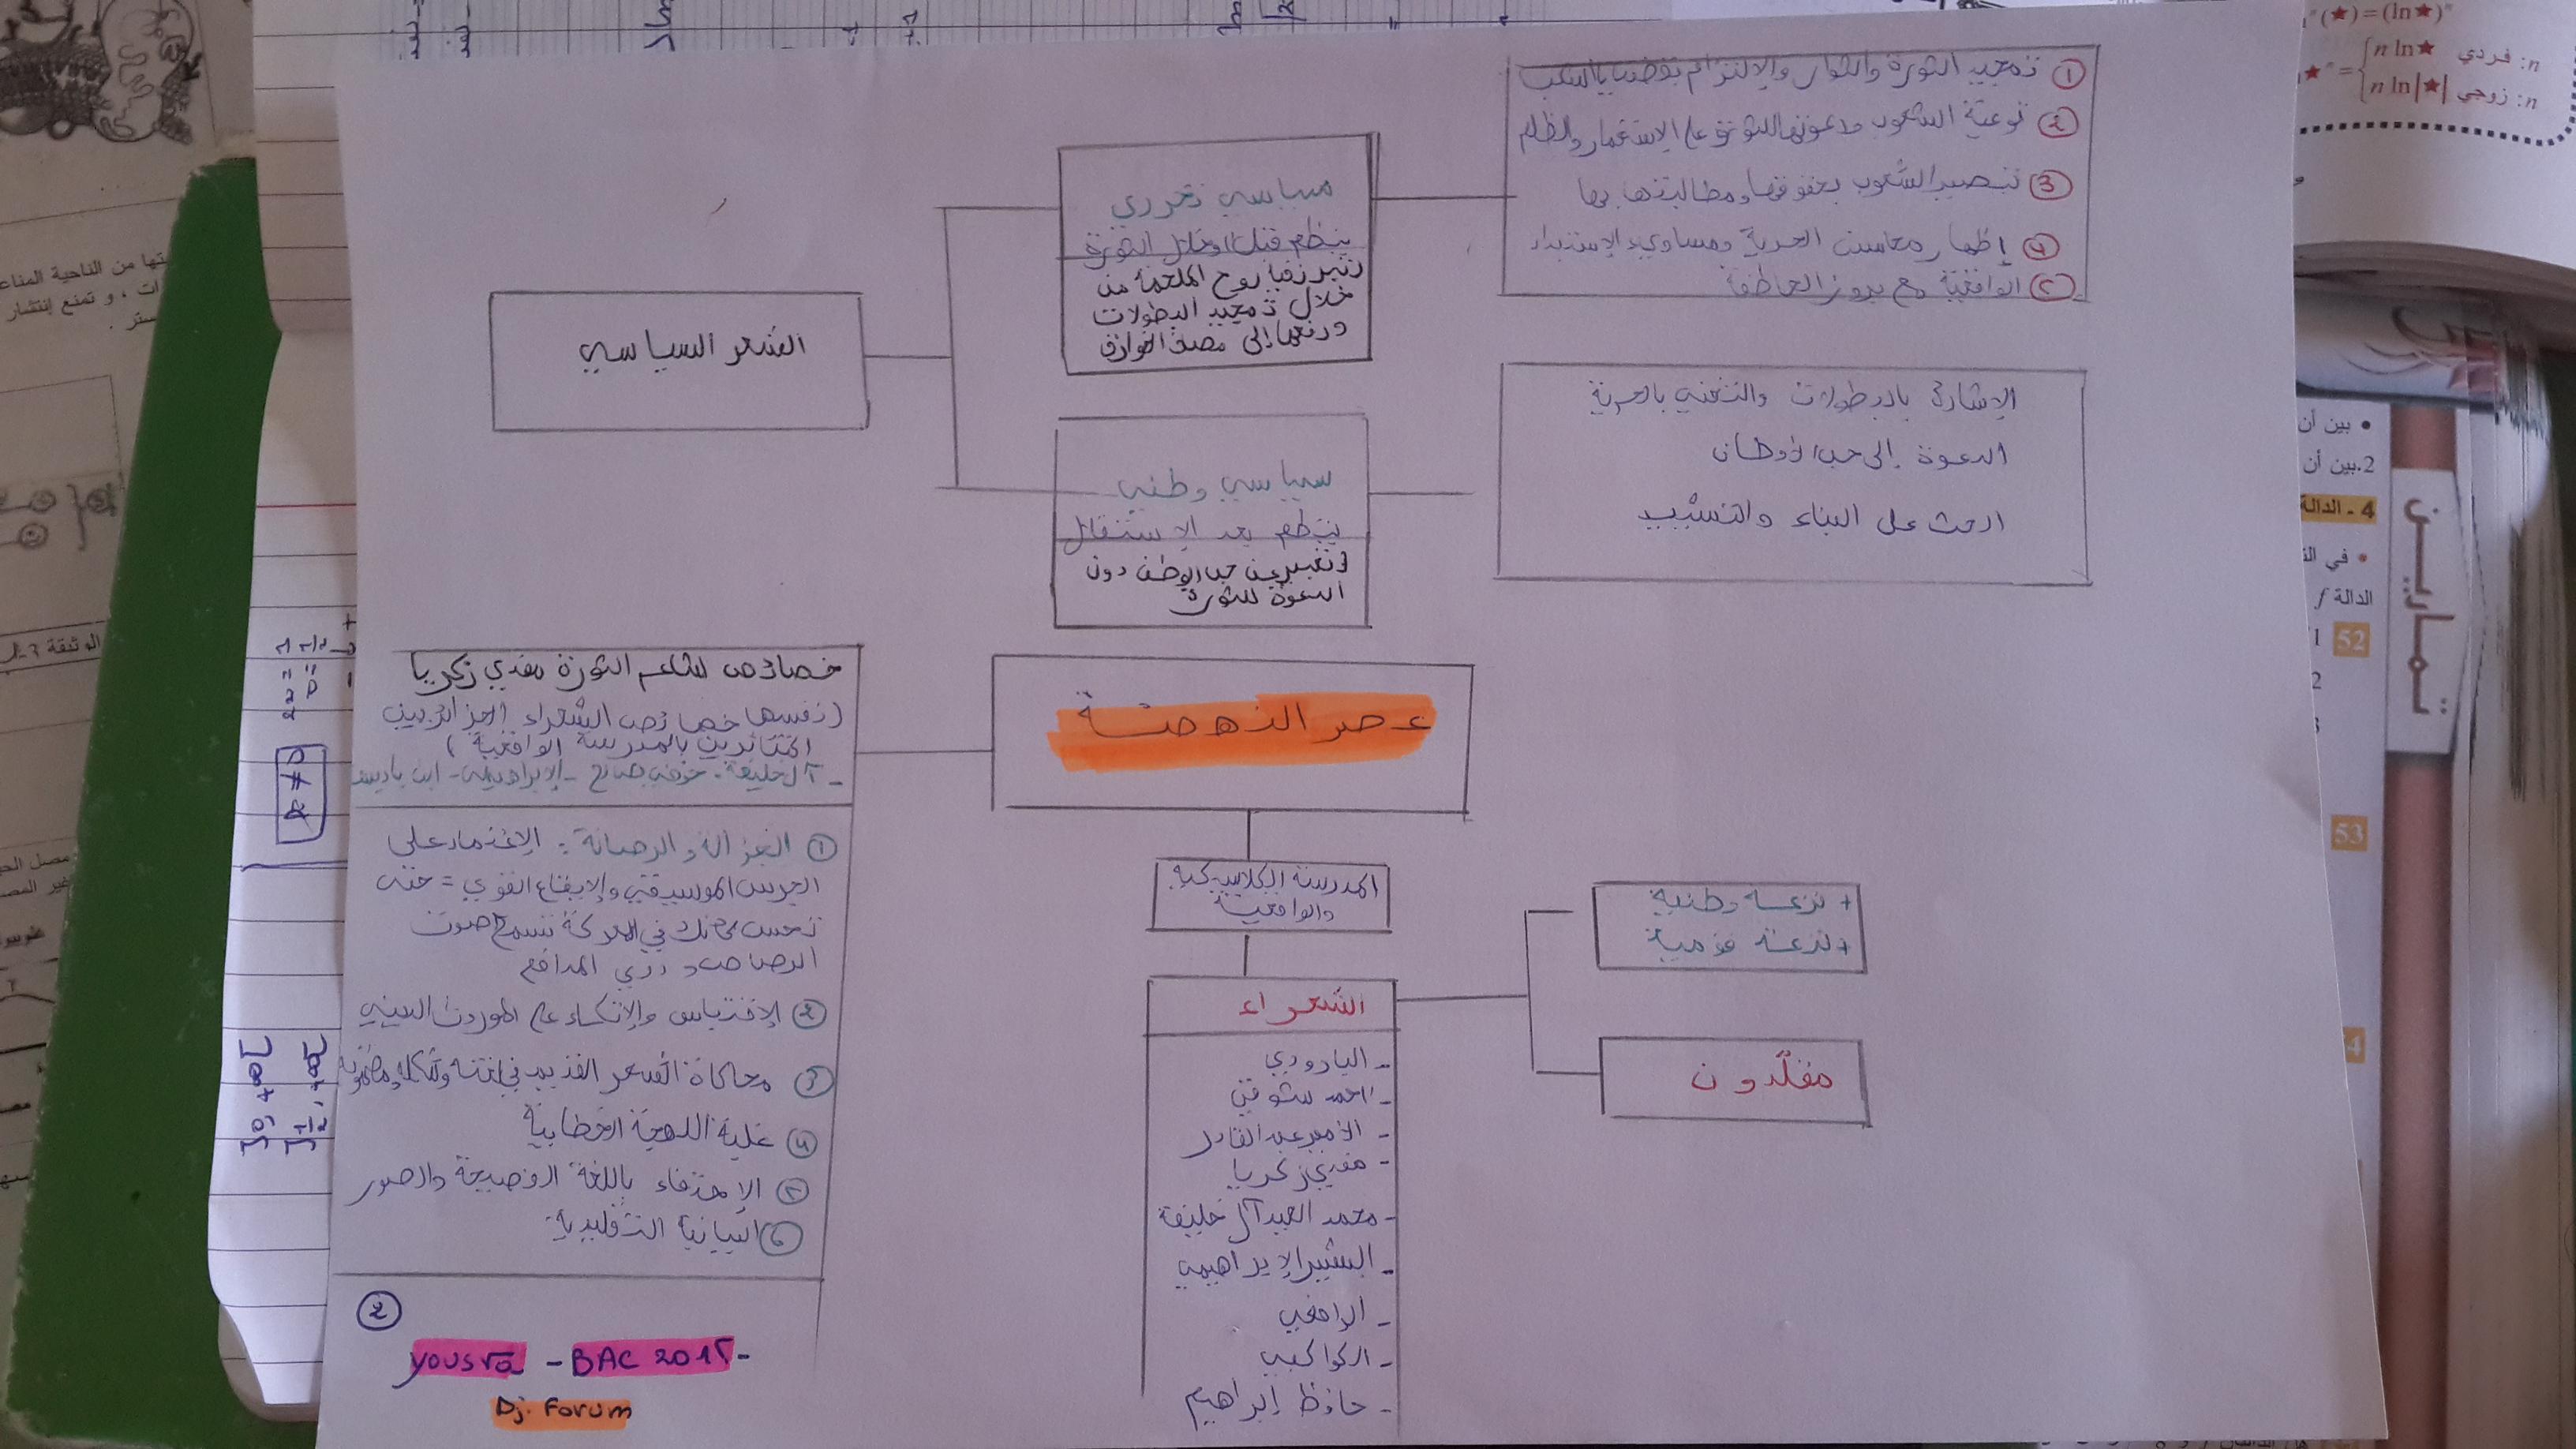 ملخص في الادب العربي 3 ثانوي شعبة علوم تجريبية 896915165.jpg